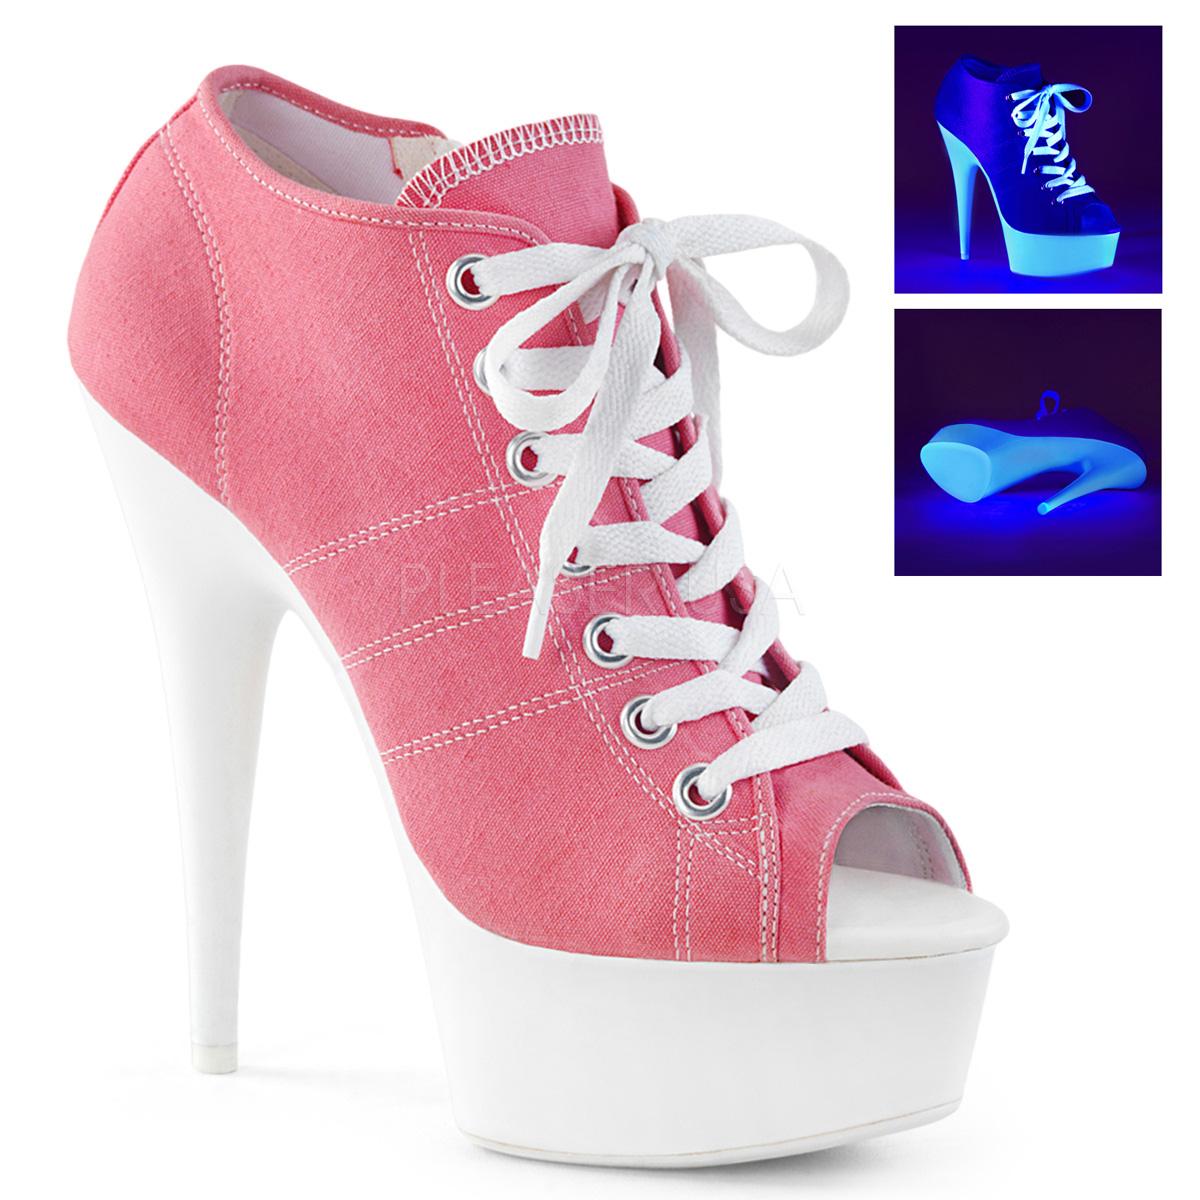 LilleFrekke Veldig spesielle sko!